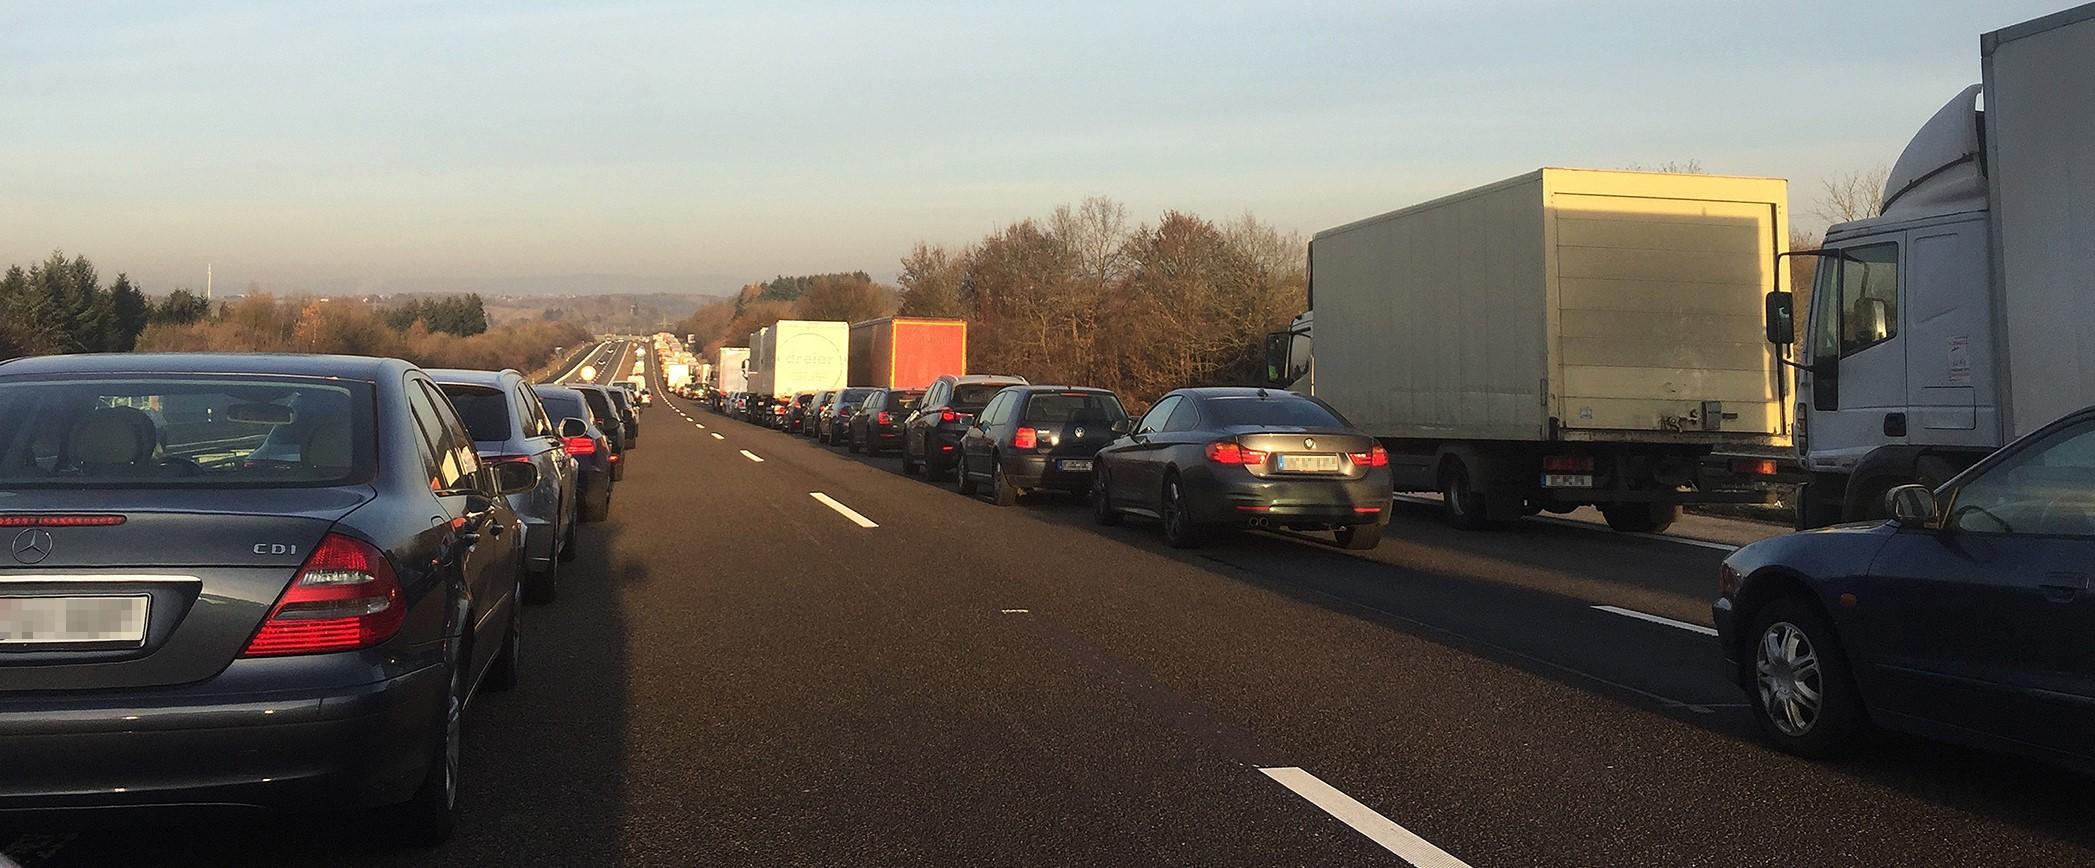 20 чуждестранни шофьори на камиони останаха без книжка в Германия